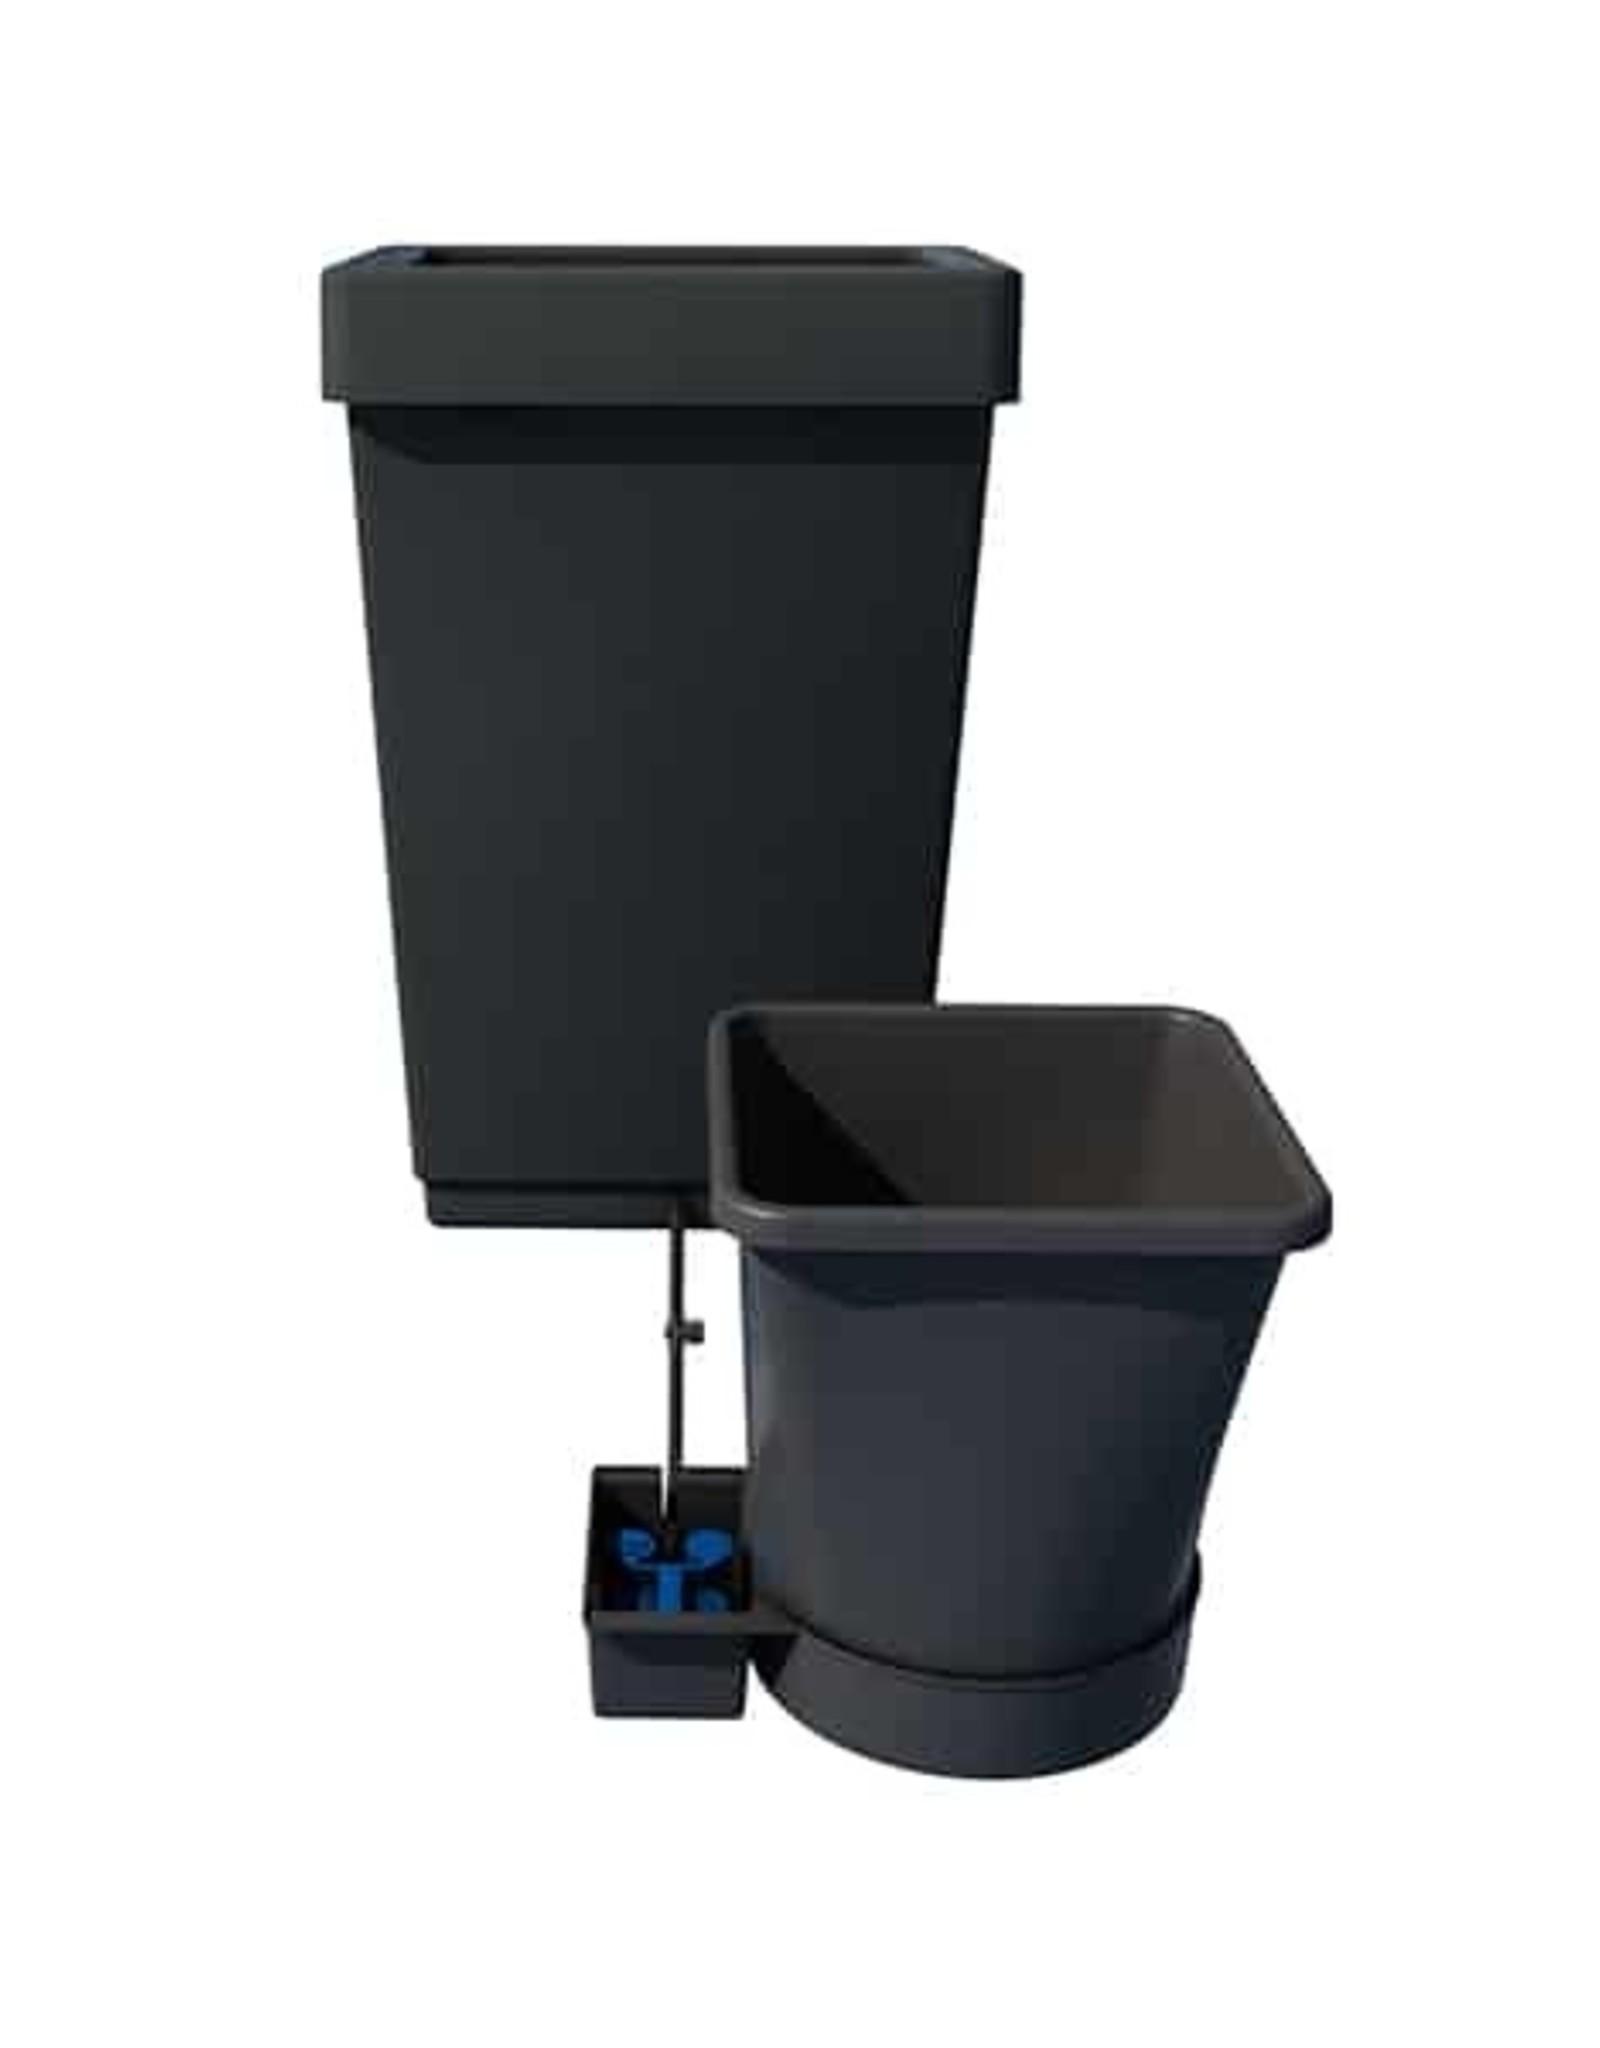 Autopot 1 Pot XL System